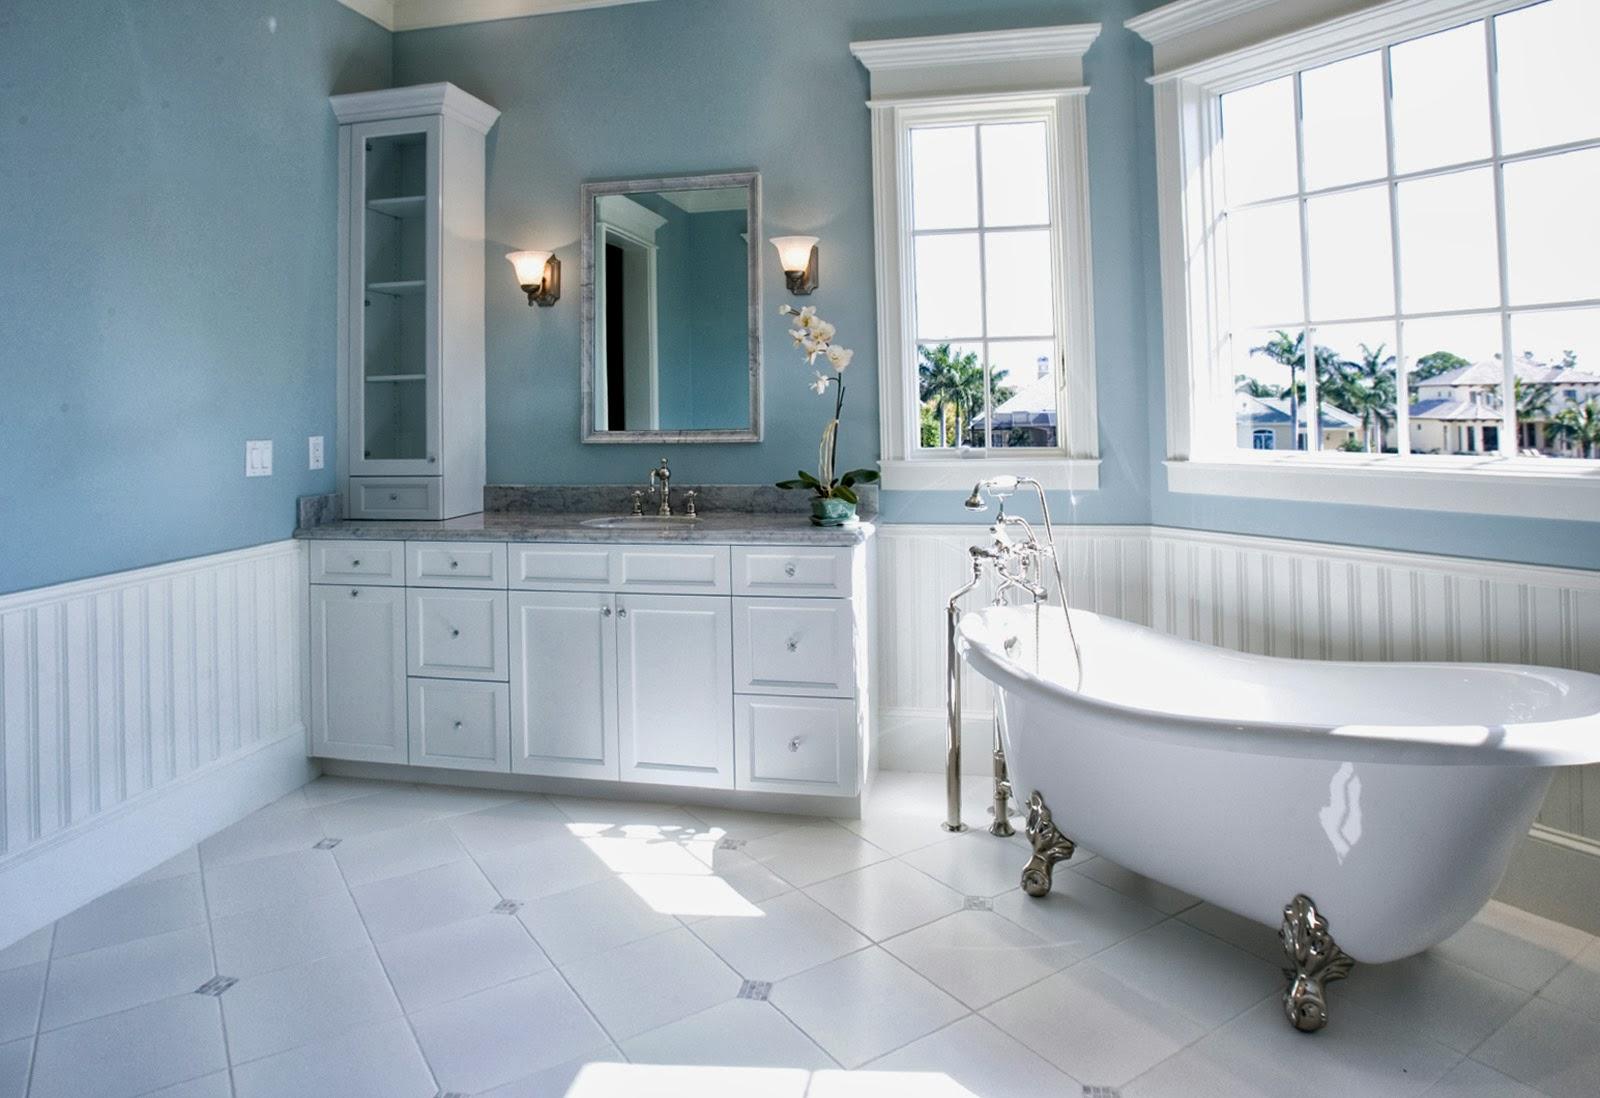 Decoração Banheiro decorado :Dicas e Decorar: Decoração Crochê  #526779 1600x1098 Ambiente Banheiro Decorado